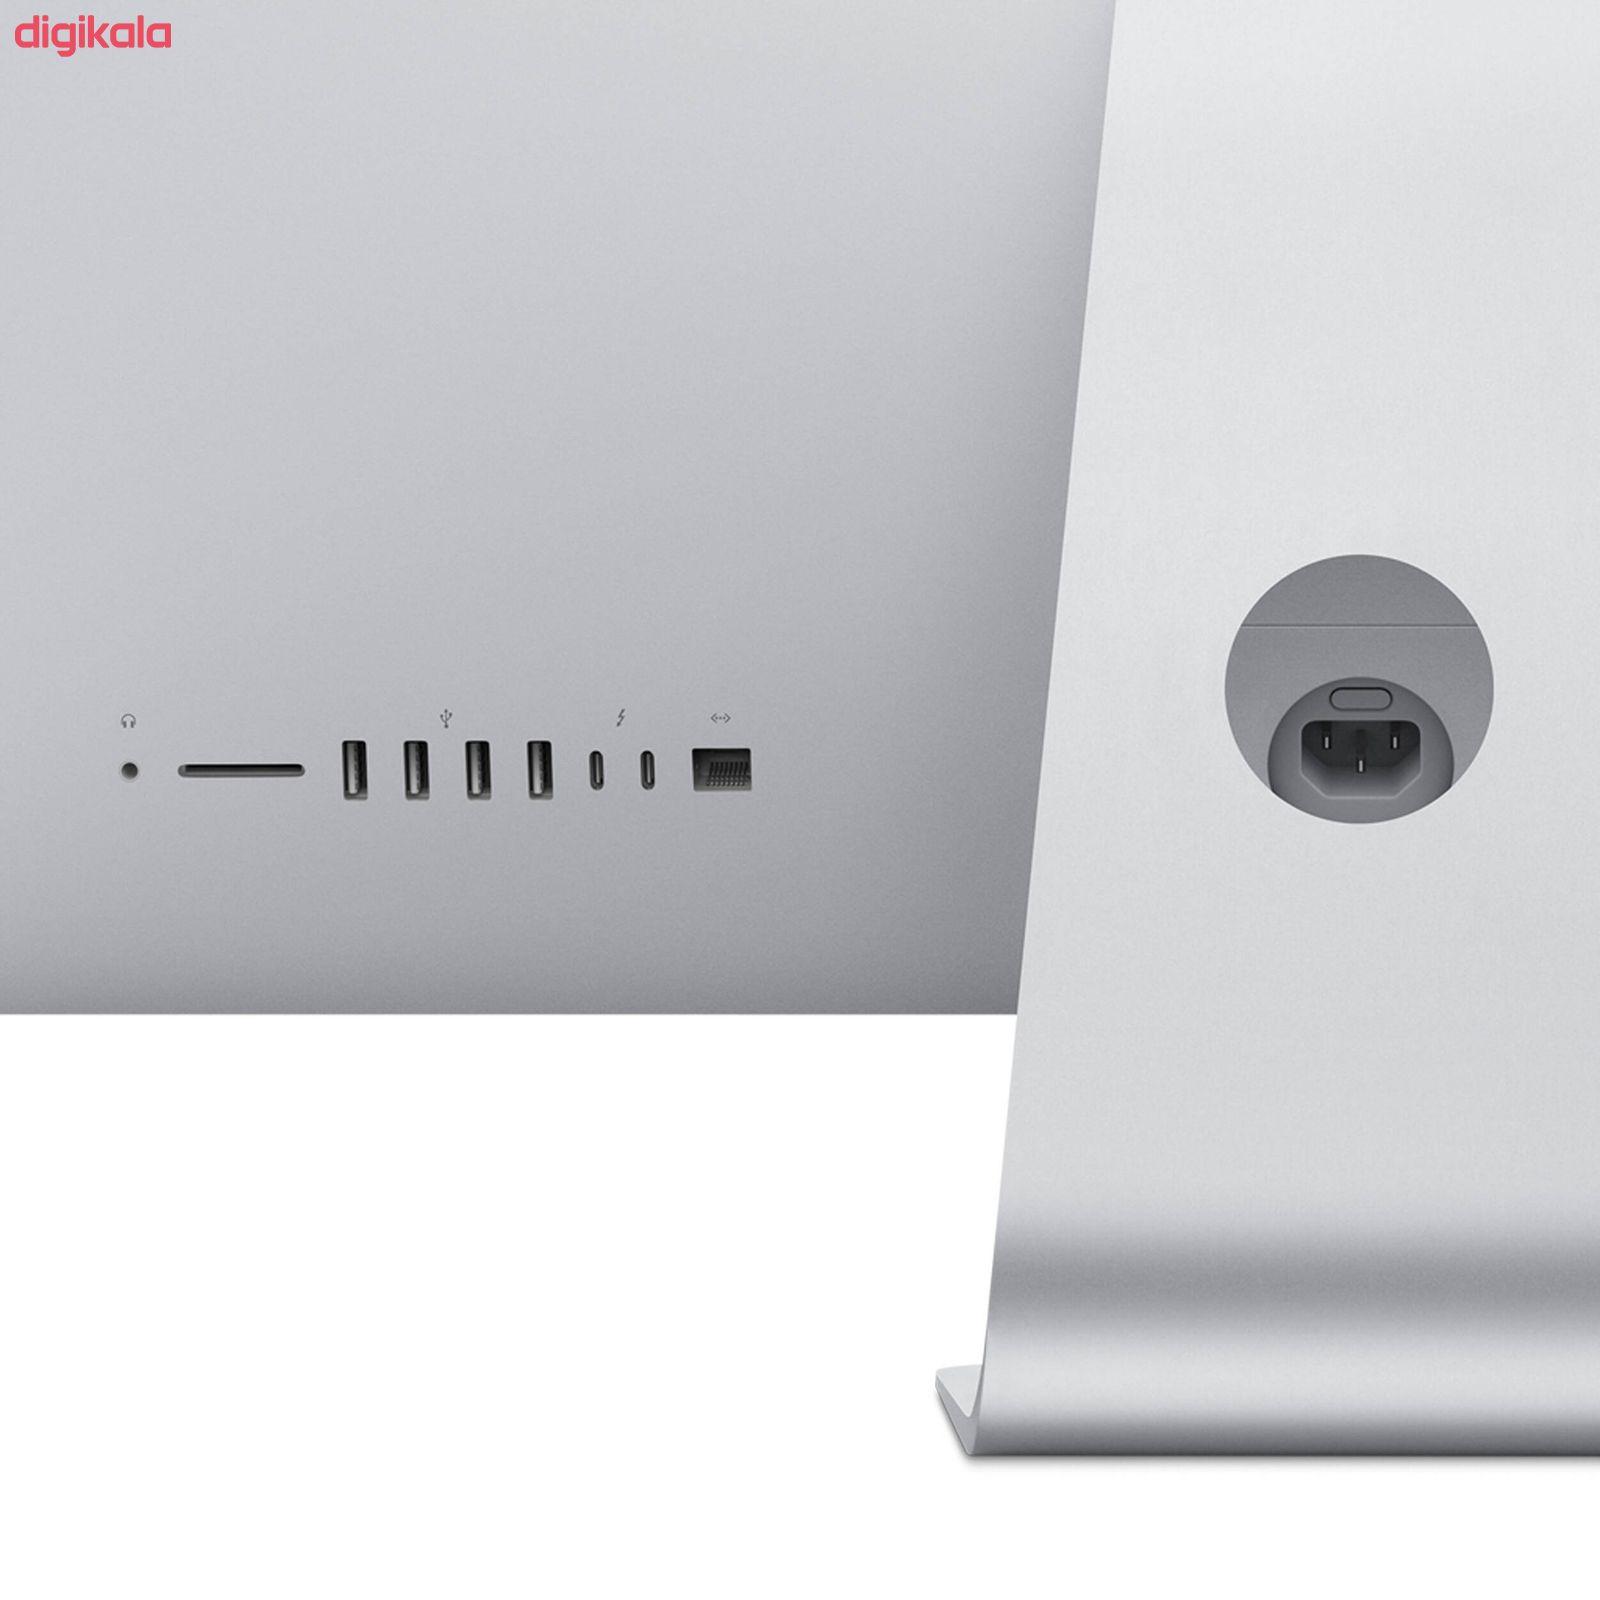 کامپیوتر همه کاره 27 اینچی اپل مدل iMac MXWU2 2020 با صفحه نمایش رتینا 5K  main 1 3